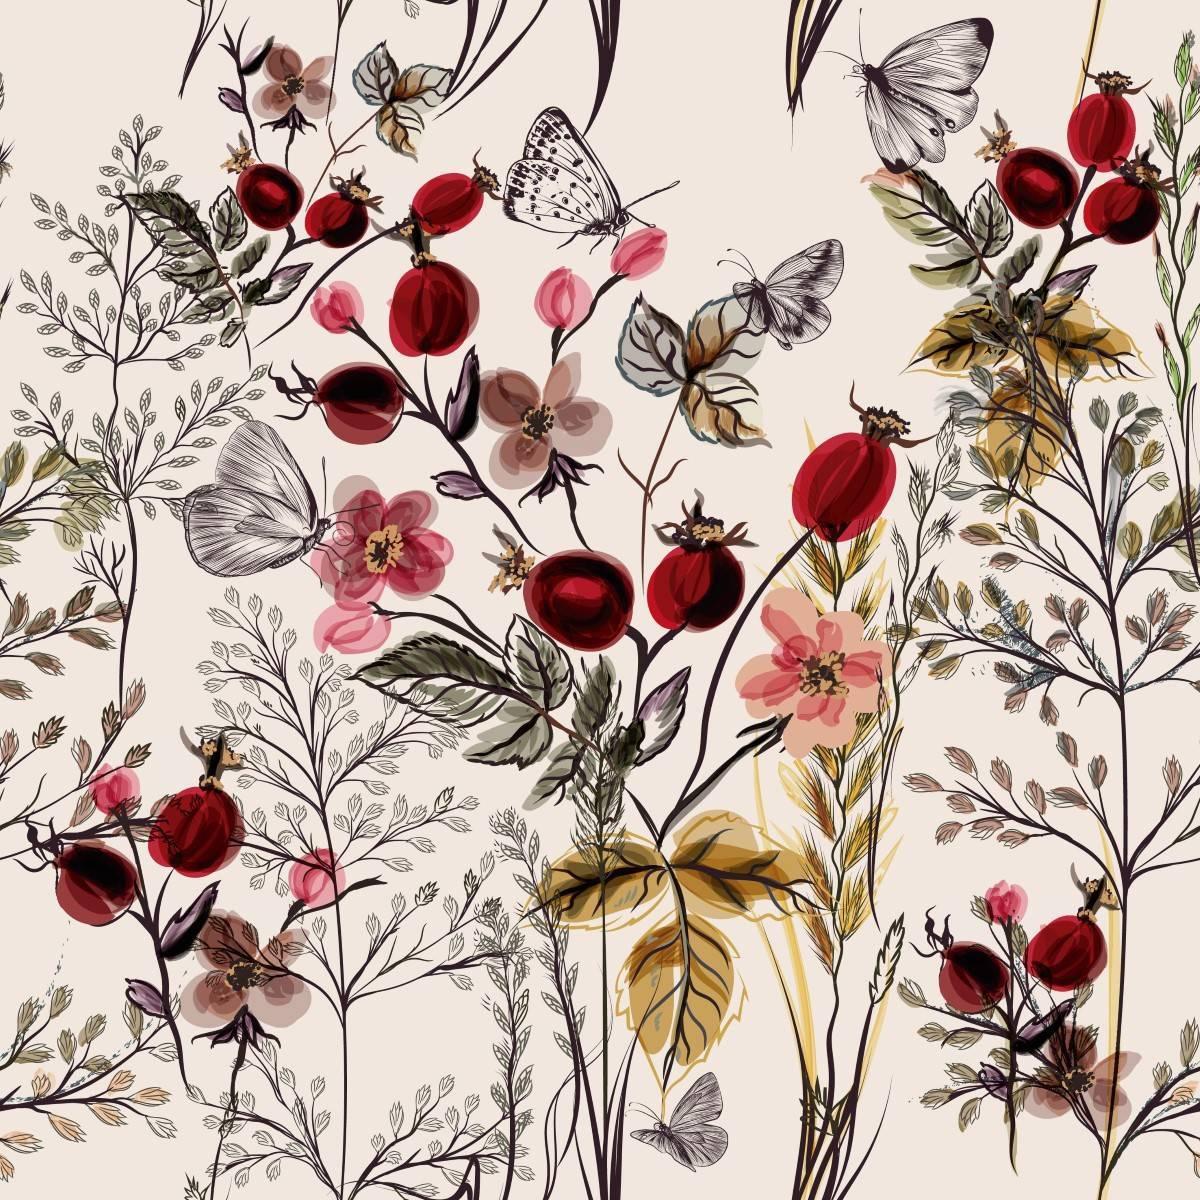 Papel de Parede Jardim de Inverno | Adesivo Vinílico imagem 1